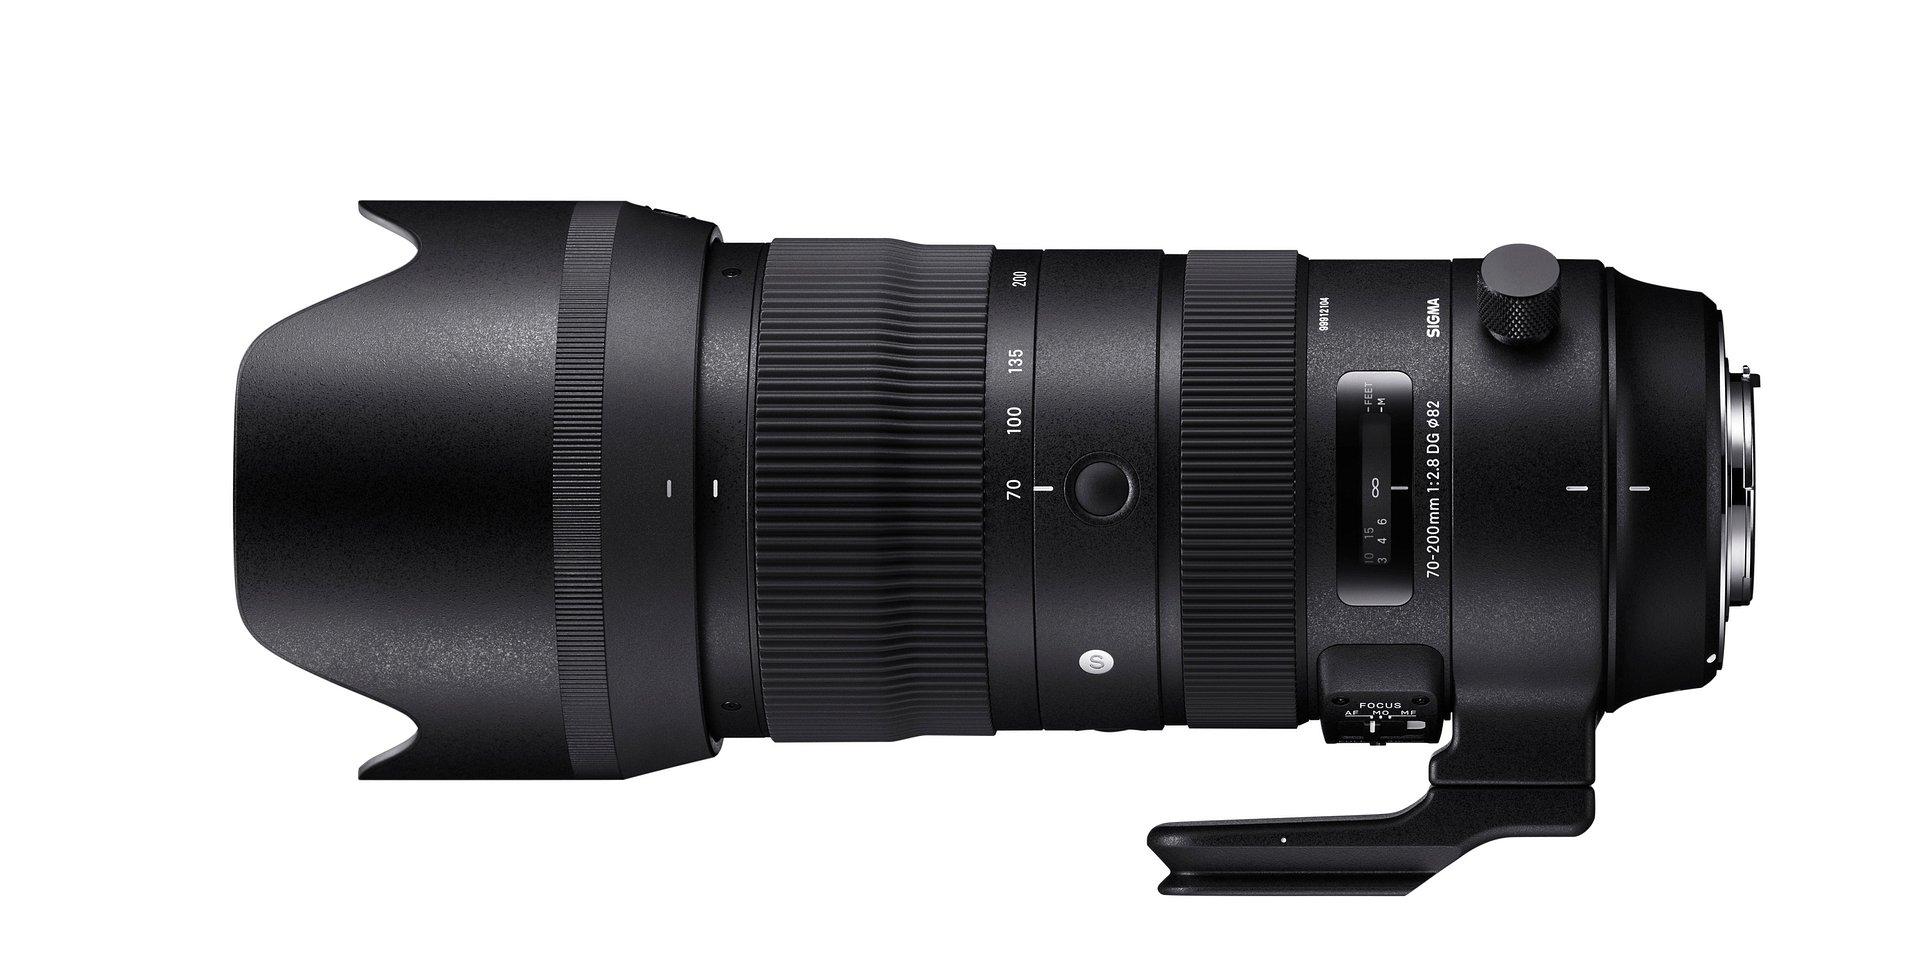 SIGMA S 70-200 mm f/2.8 – ujawniamy cenę kolejnej nowości!